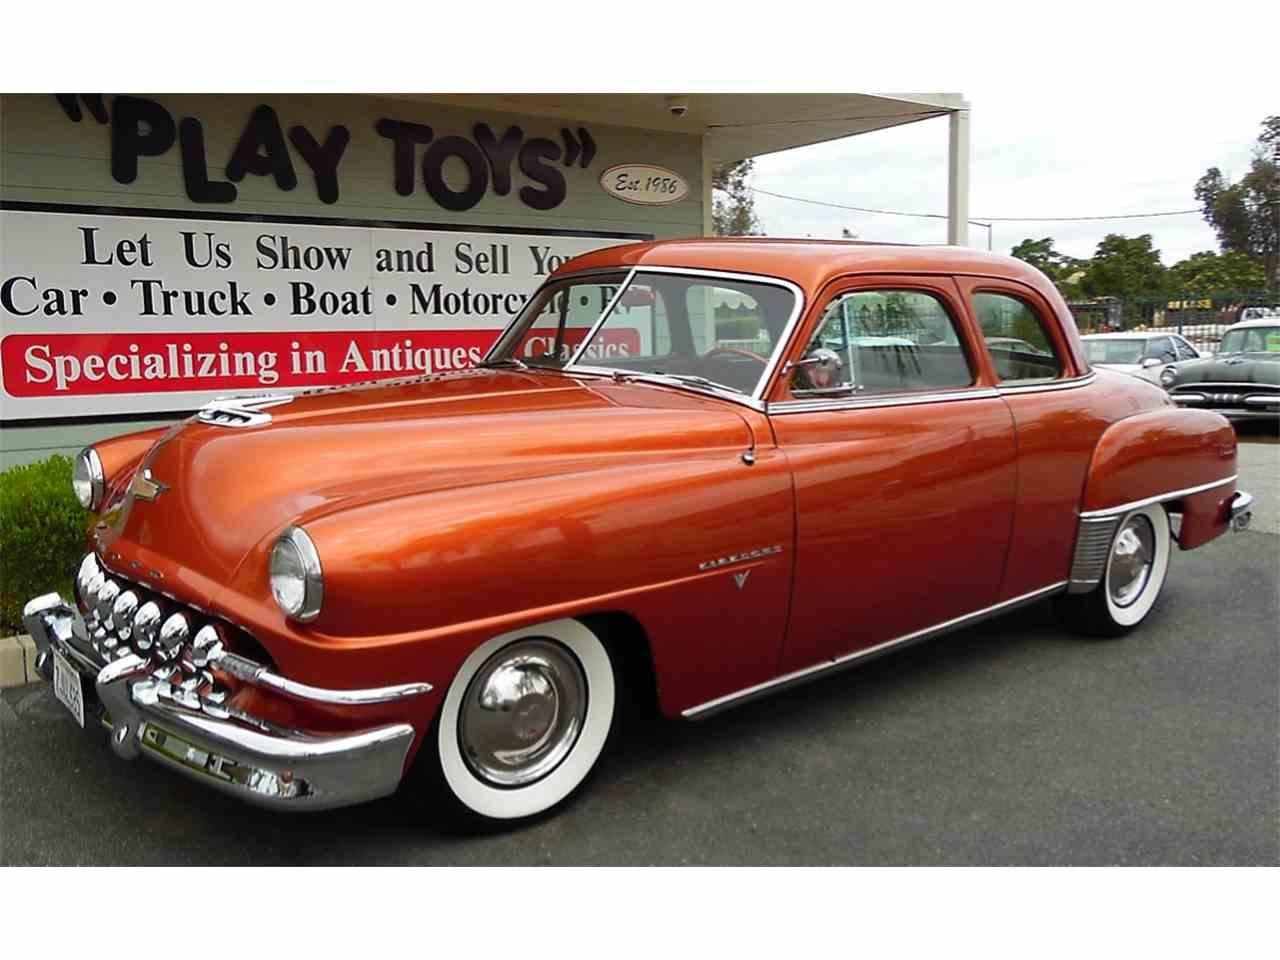 1956 desoto firedome seville 4 door hardtop 1 of 10 - 1952 Desoto Firedome 983504